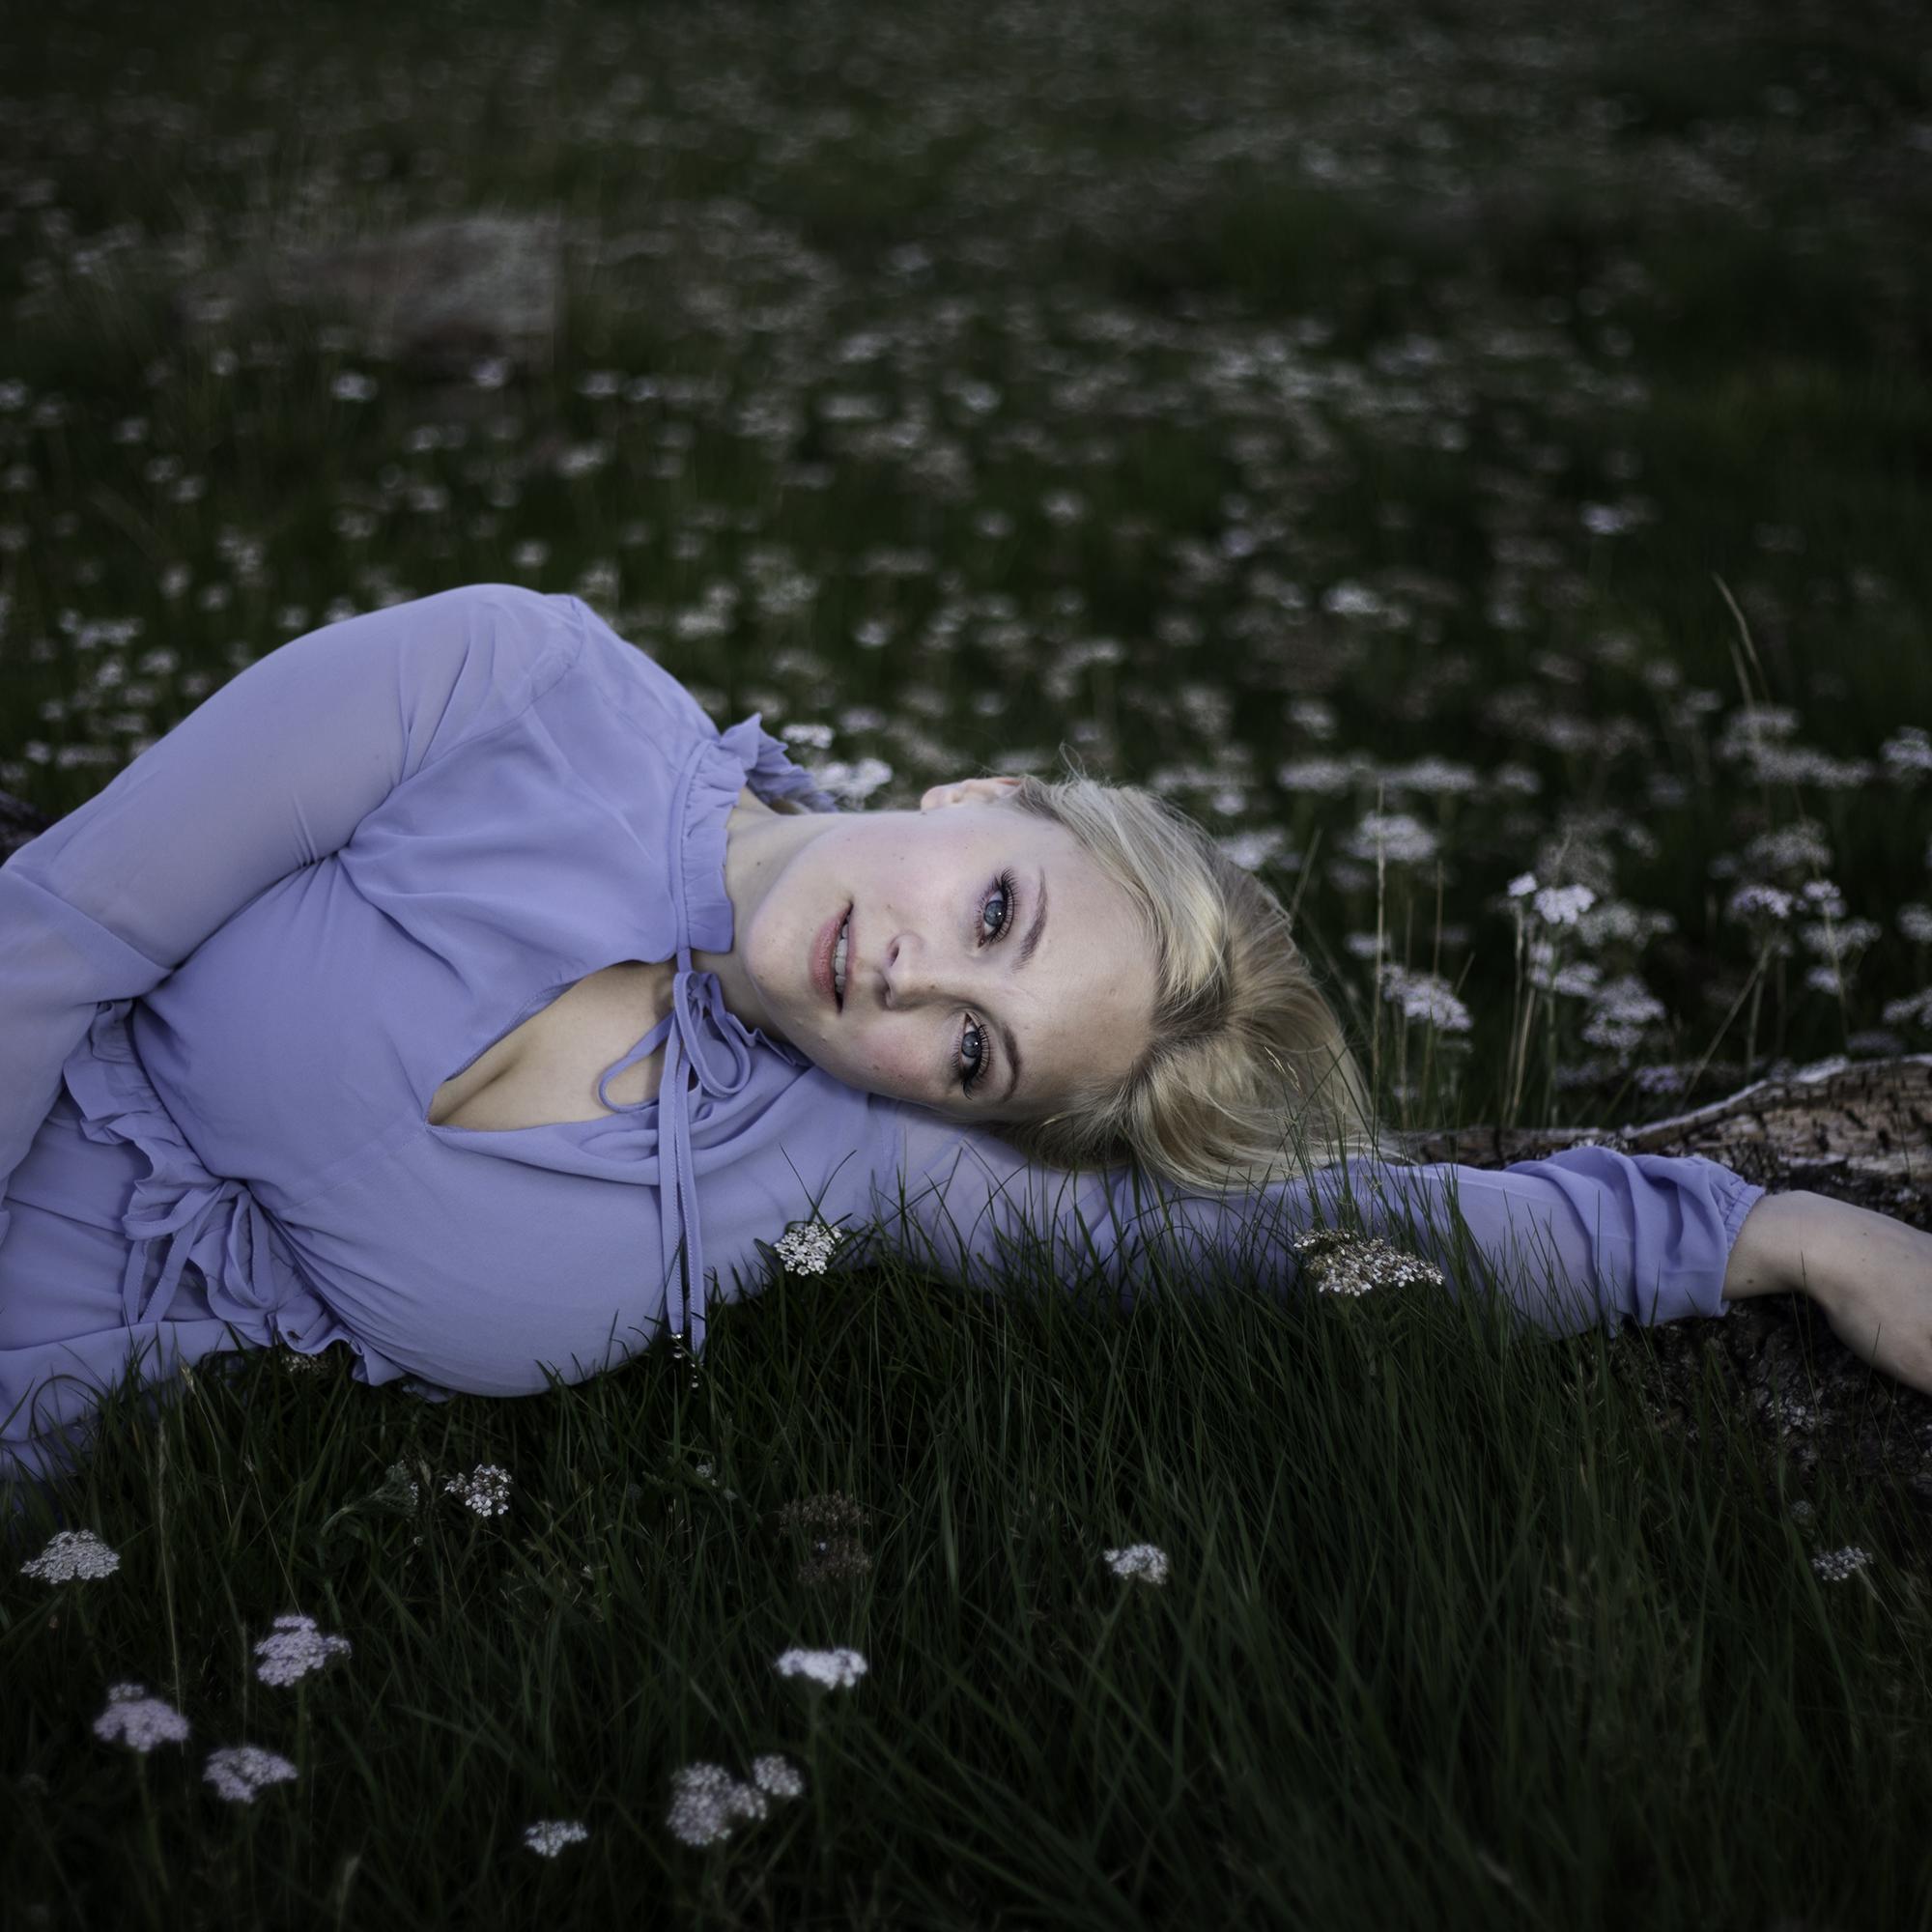 Celine's Photography